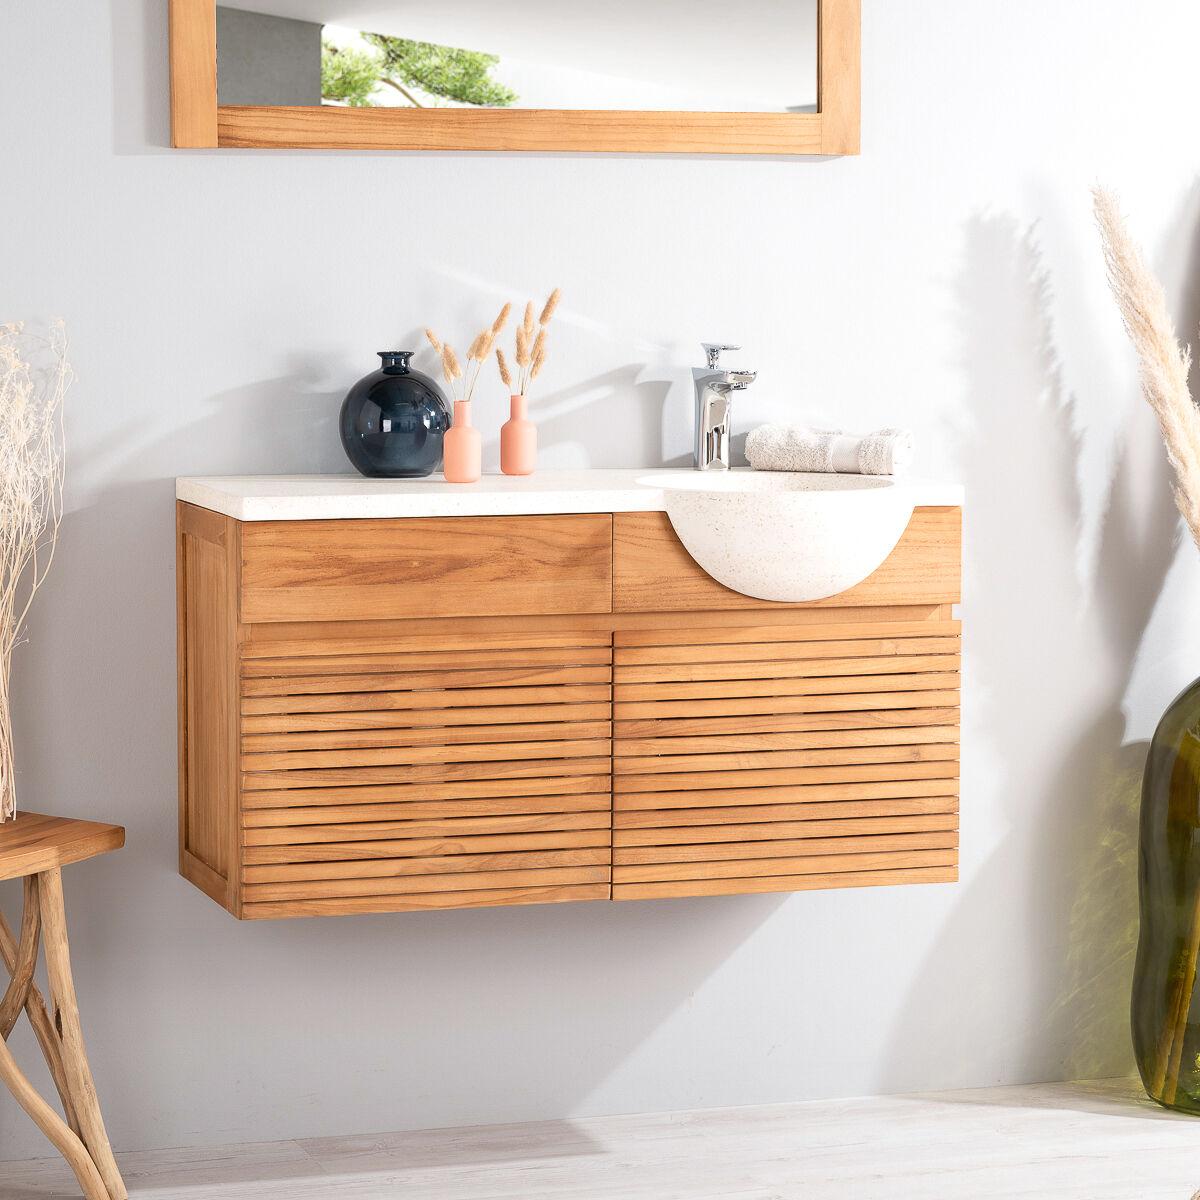 Wanda Collection Meuble salle de bain suspendu avec vasque teck 100 CONTEMPORAIN crème